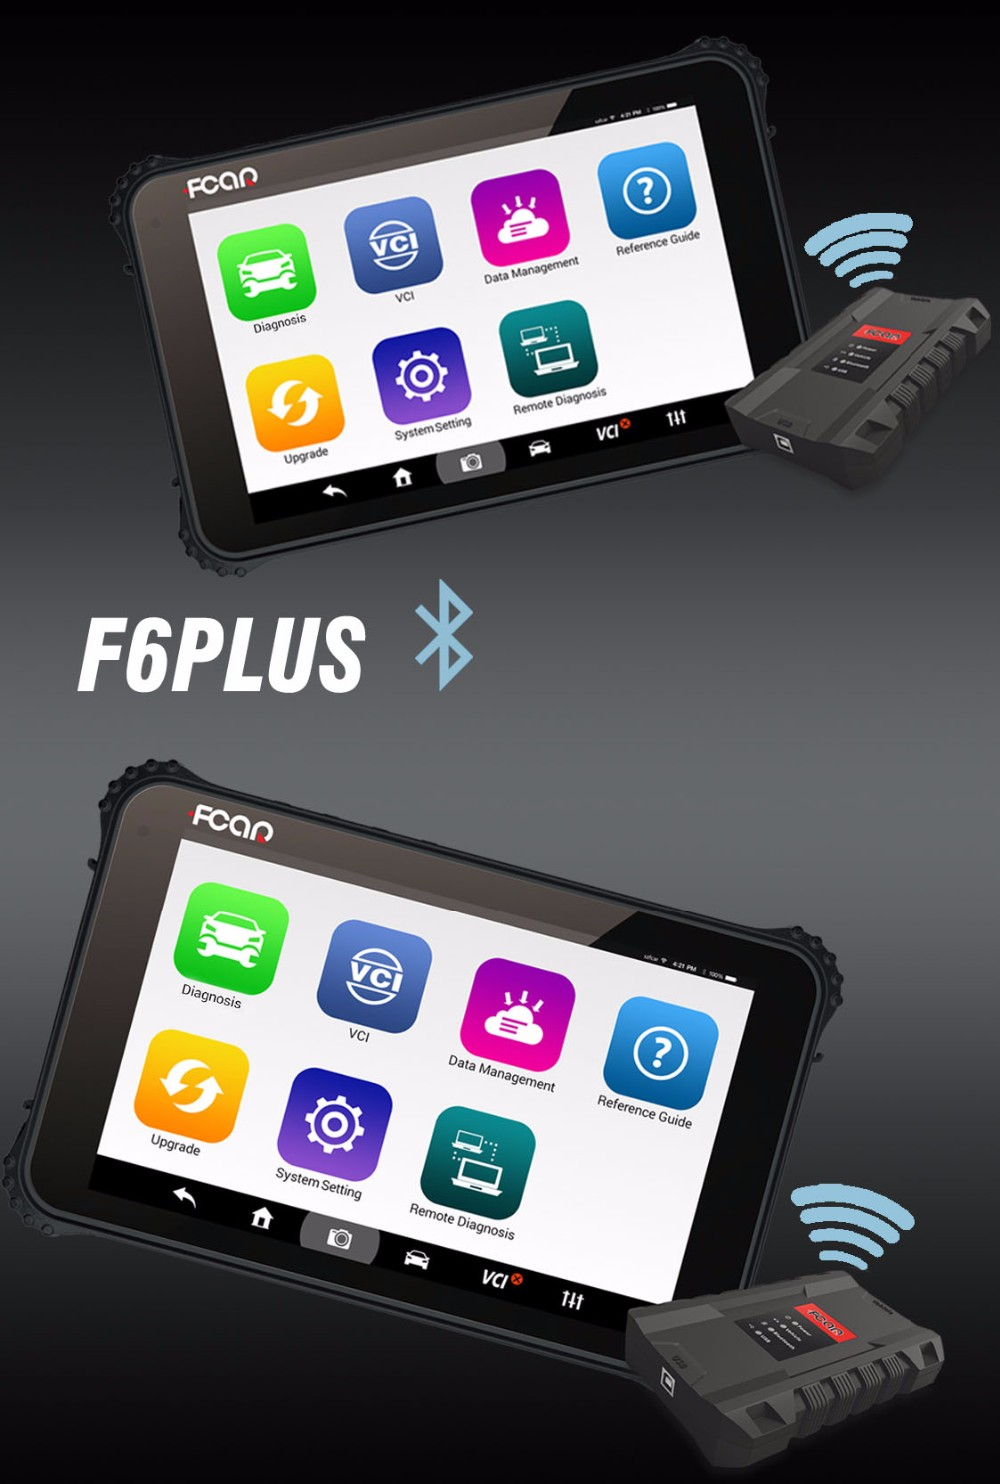 F6plus